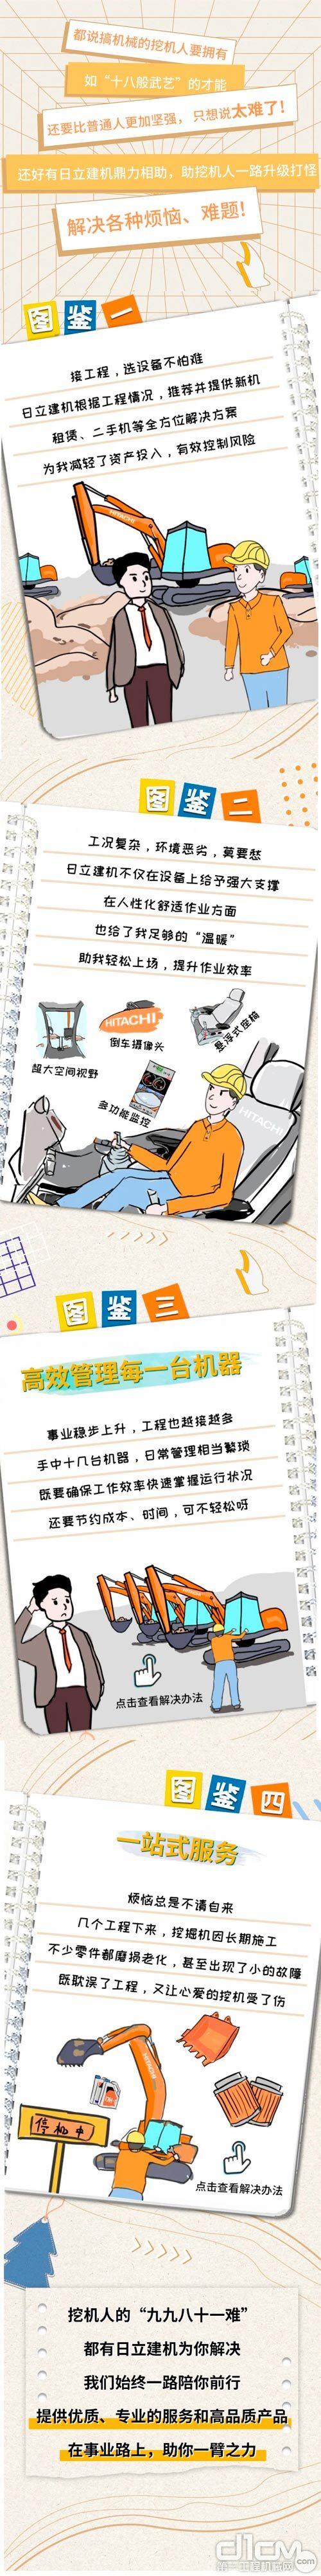 【橙上创意】挖机人的工(进)作(化)图鉴